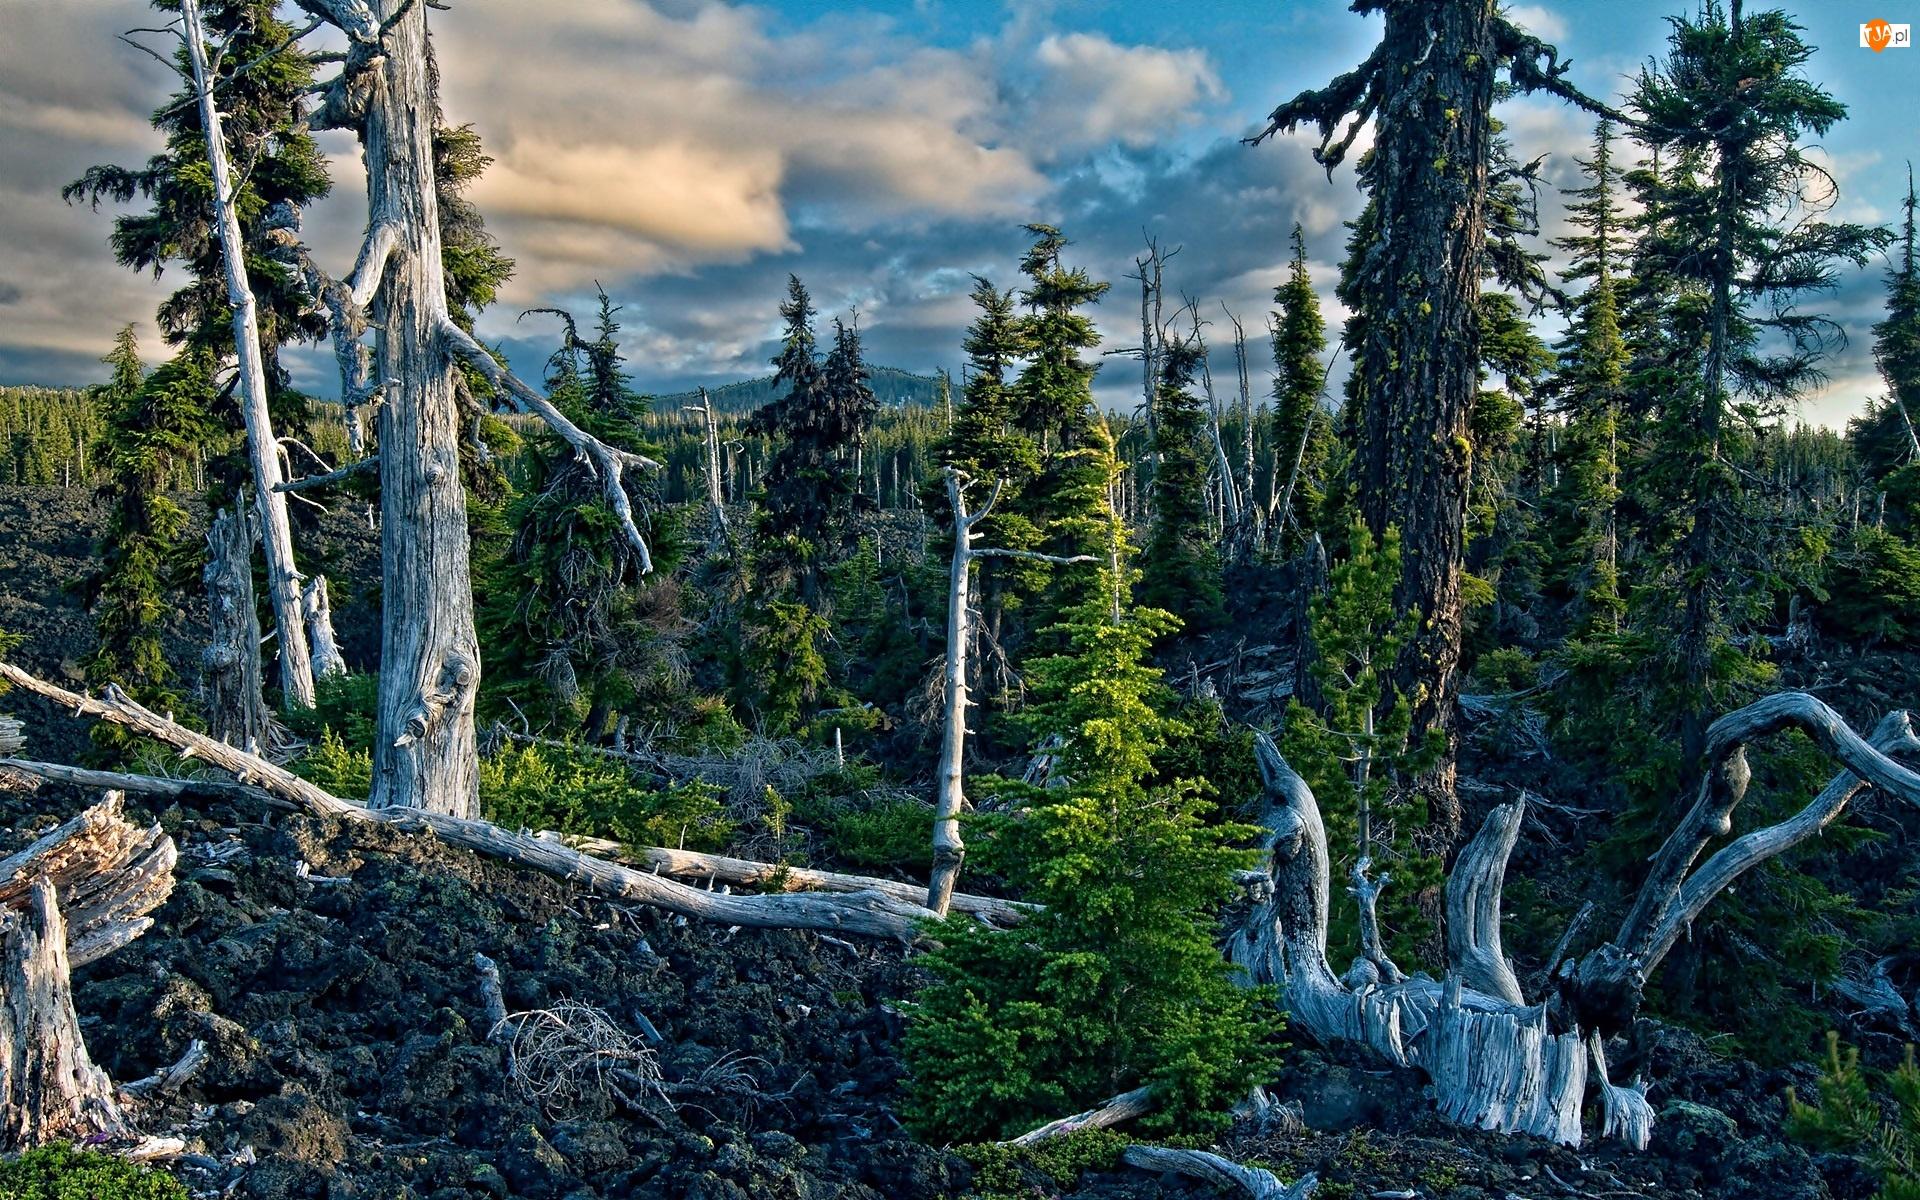 Drzewa, Światło, Las, Cień, Martwe, Chmury